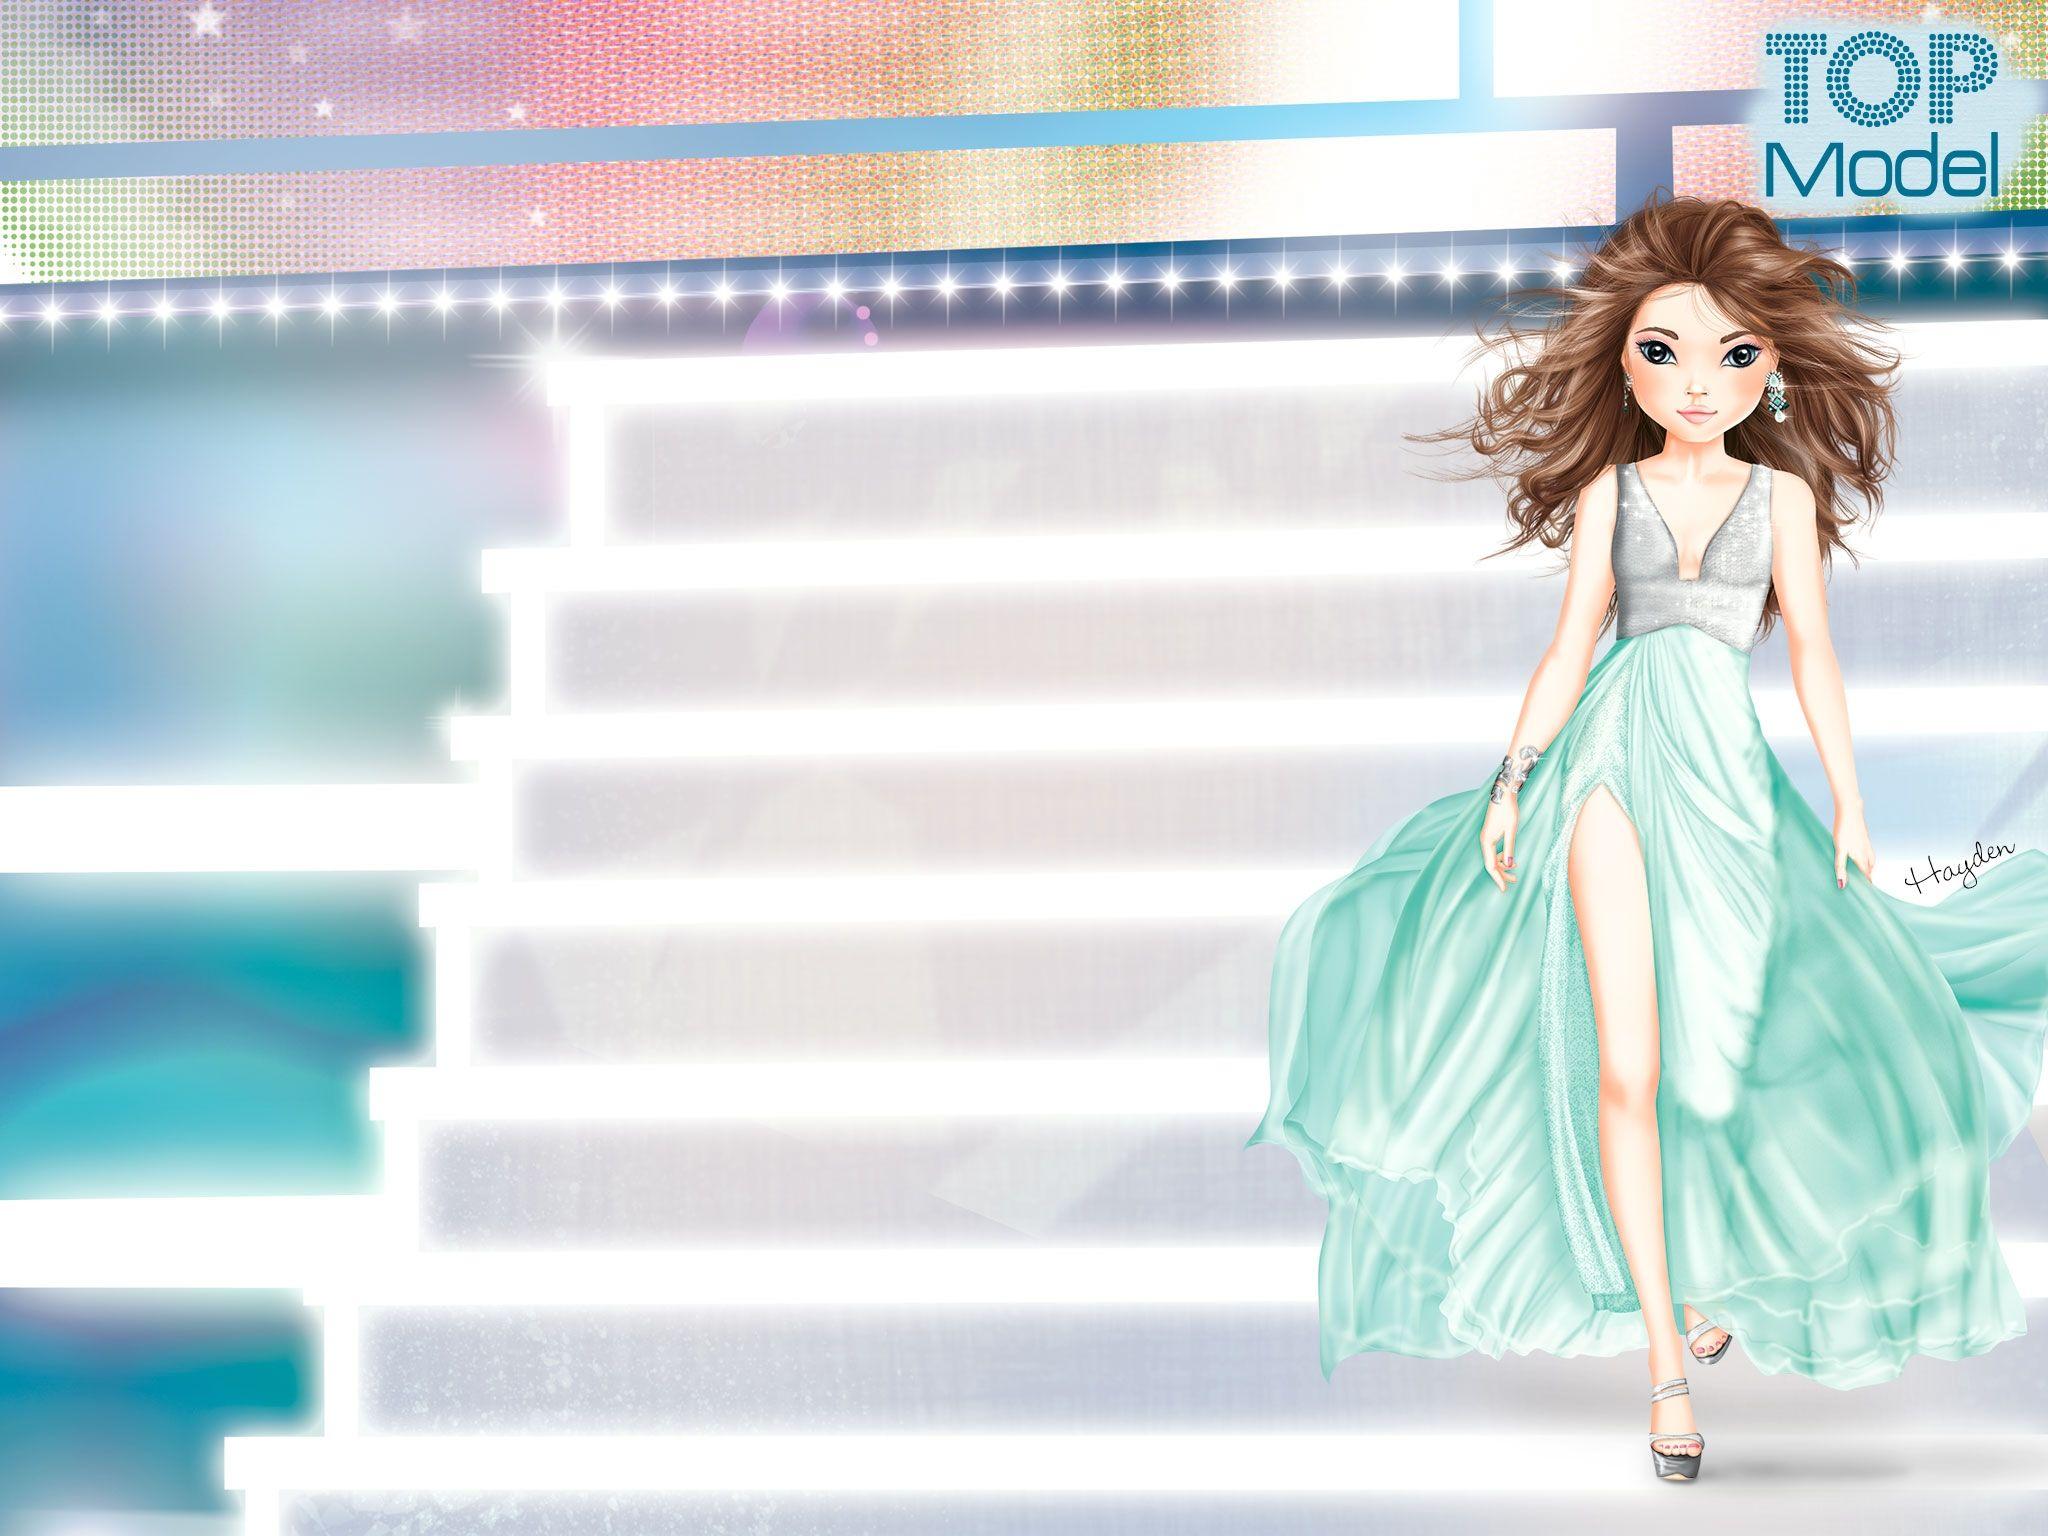 Top Models Desktop Backgrounds Desks For Kids Totes Supermodels